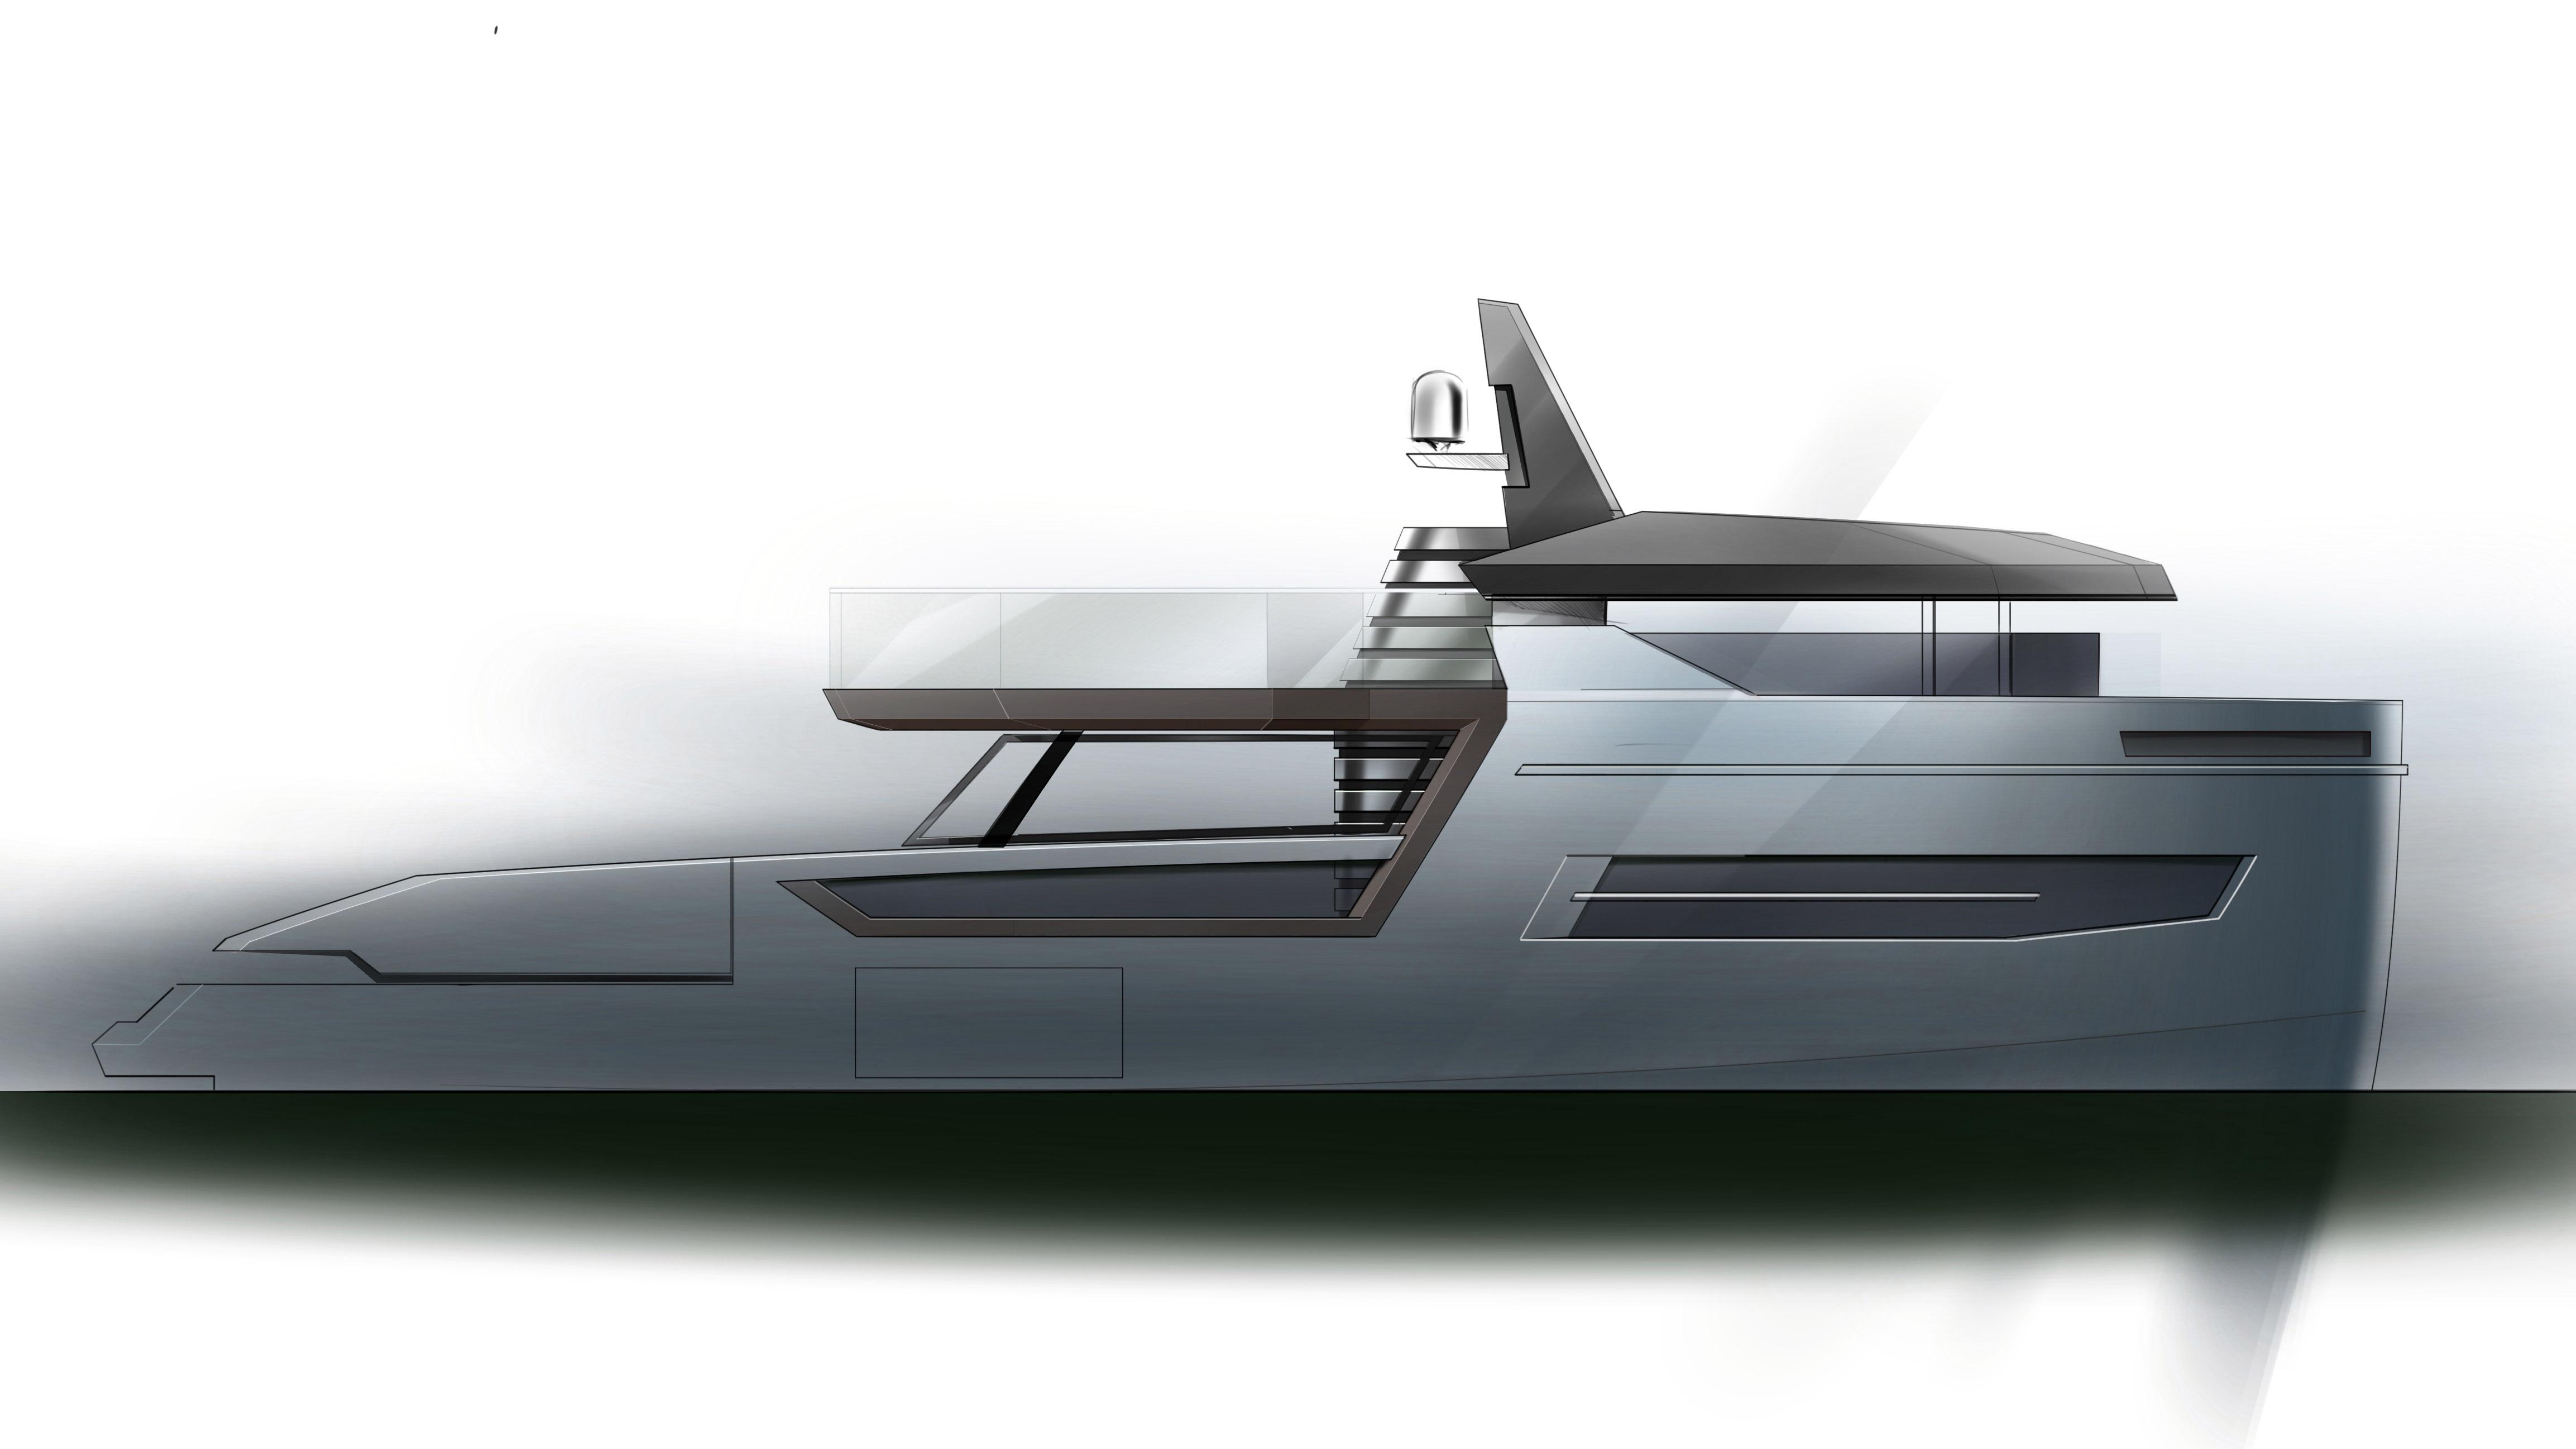 Arcadia Yachts Sherpa 72 Italian eco